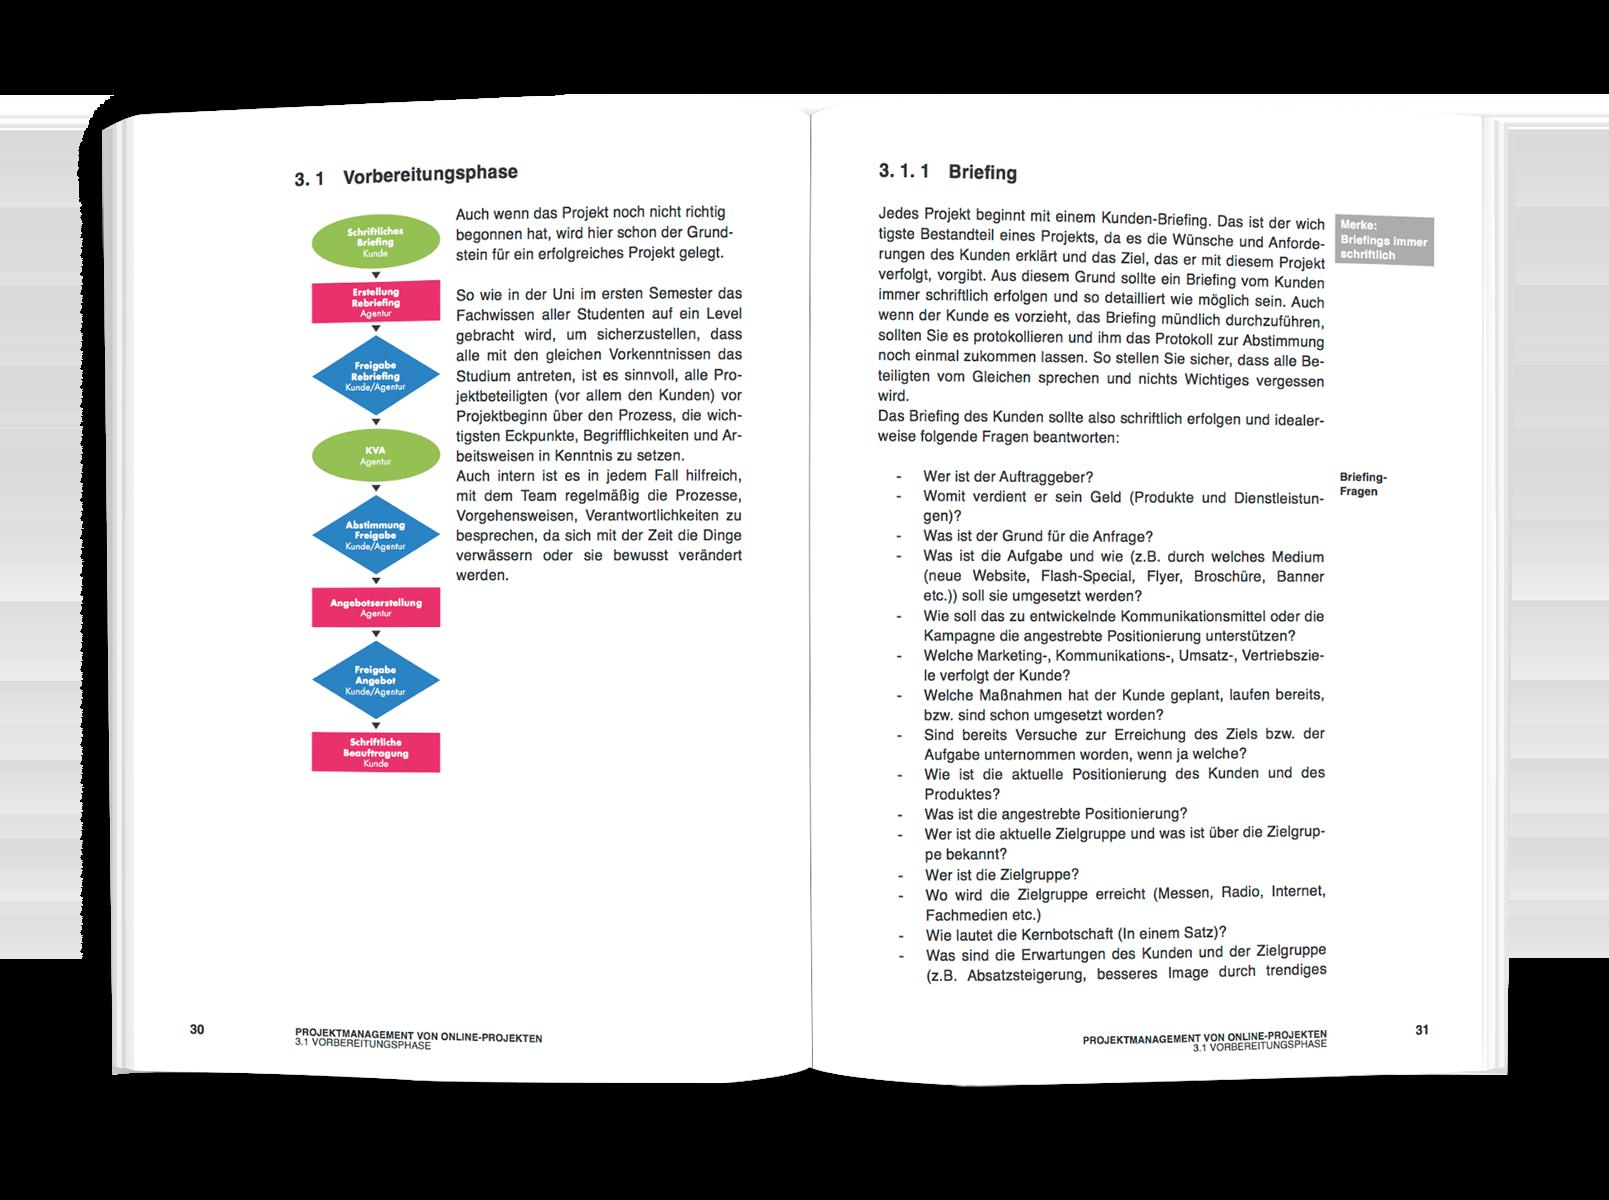 Projektmanagement von Online-Projekten - Projektprozesse